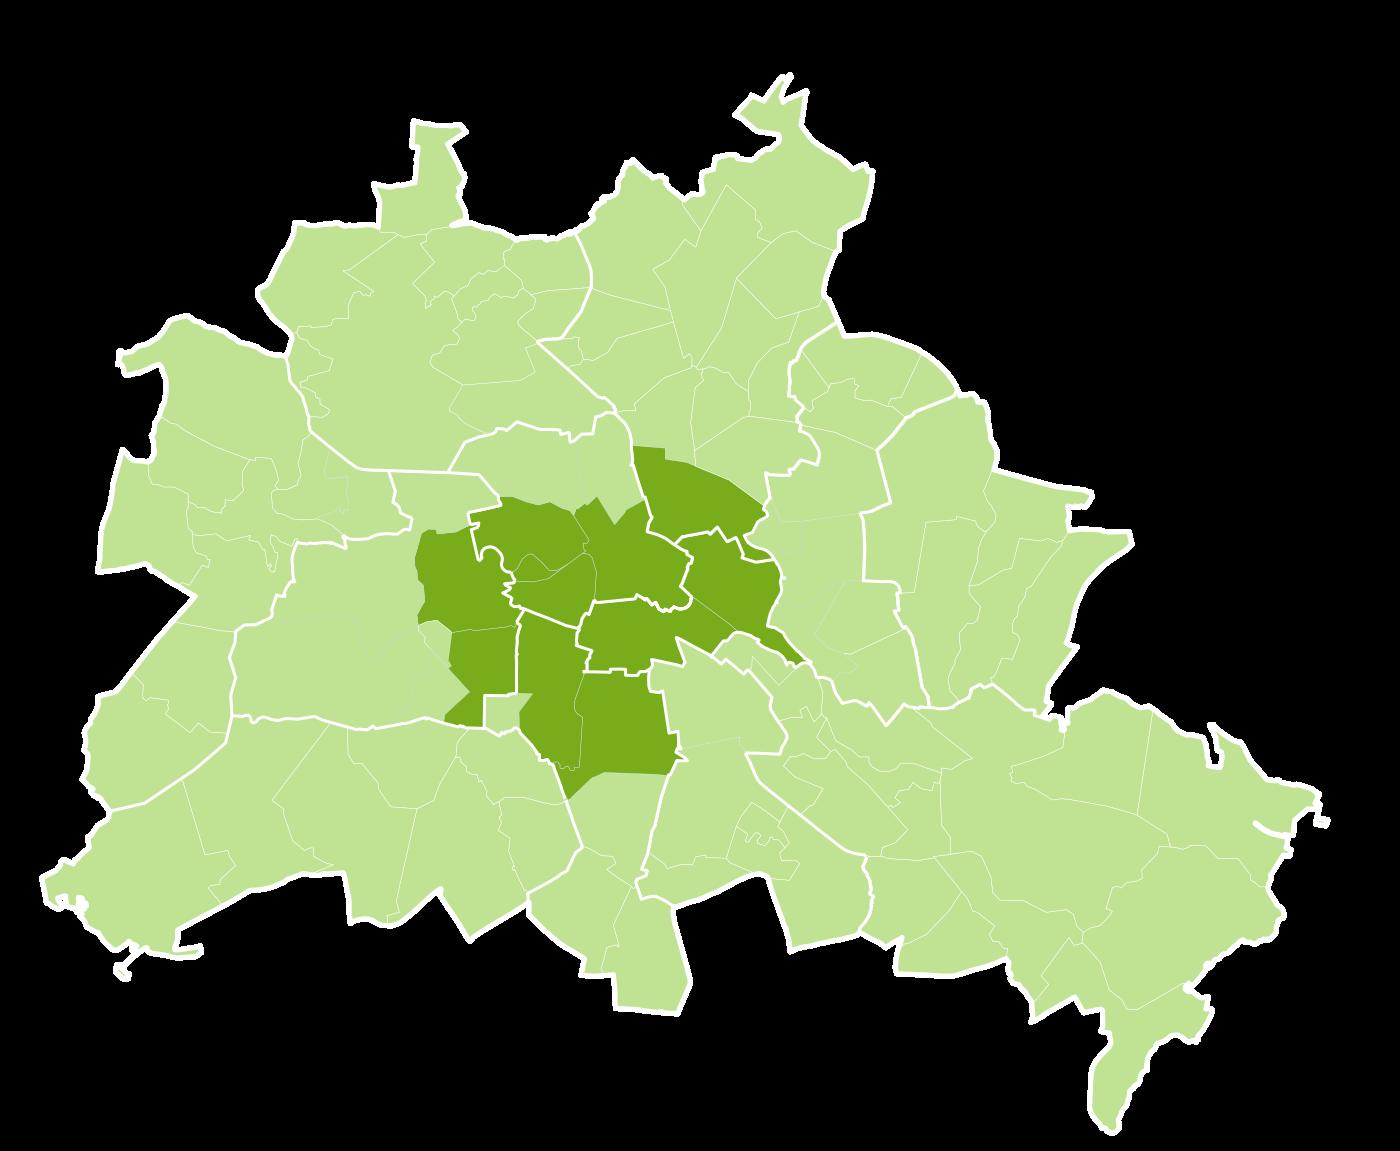 berlin-map-bio-lieferdienst-zonen-1